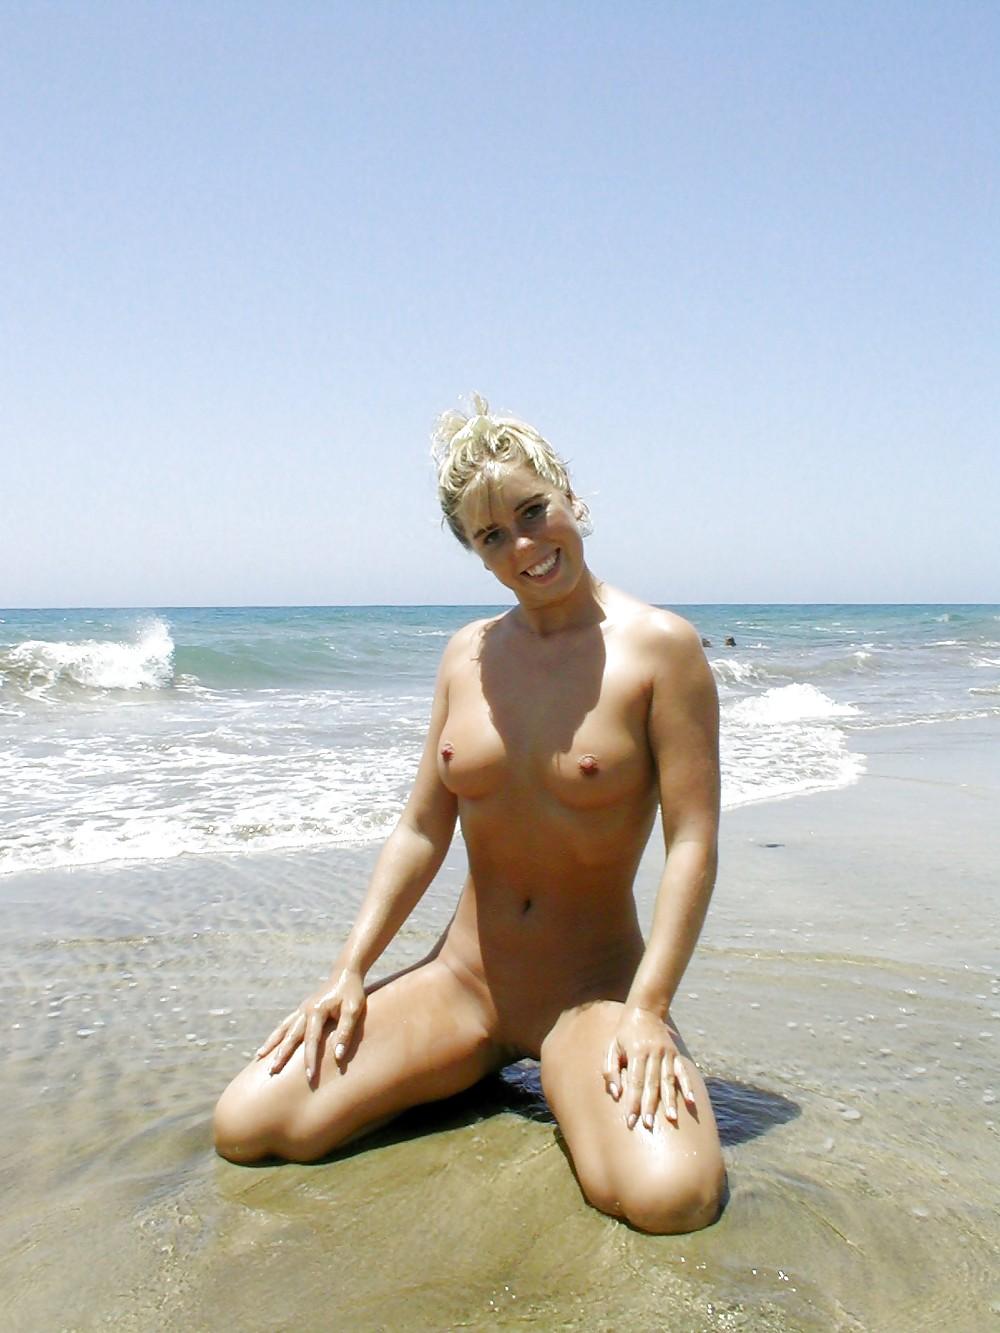 German Bitch - Nude Beach 2 - 38 Bilder - Xhamstercom-8284